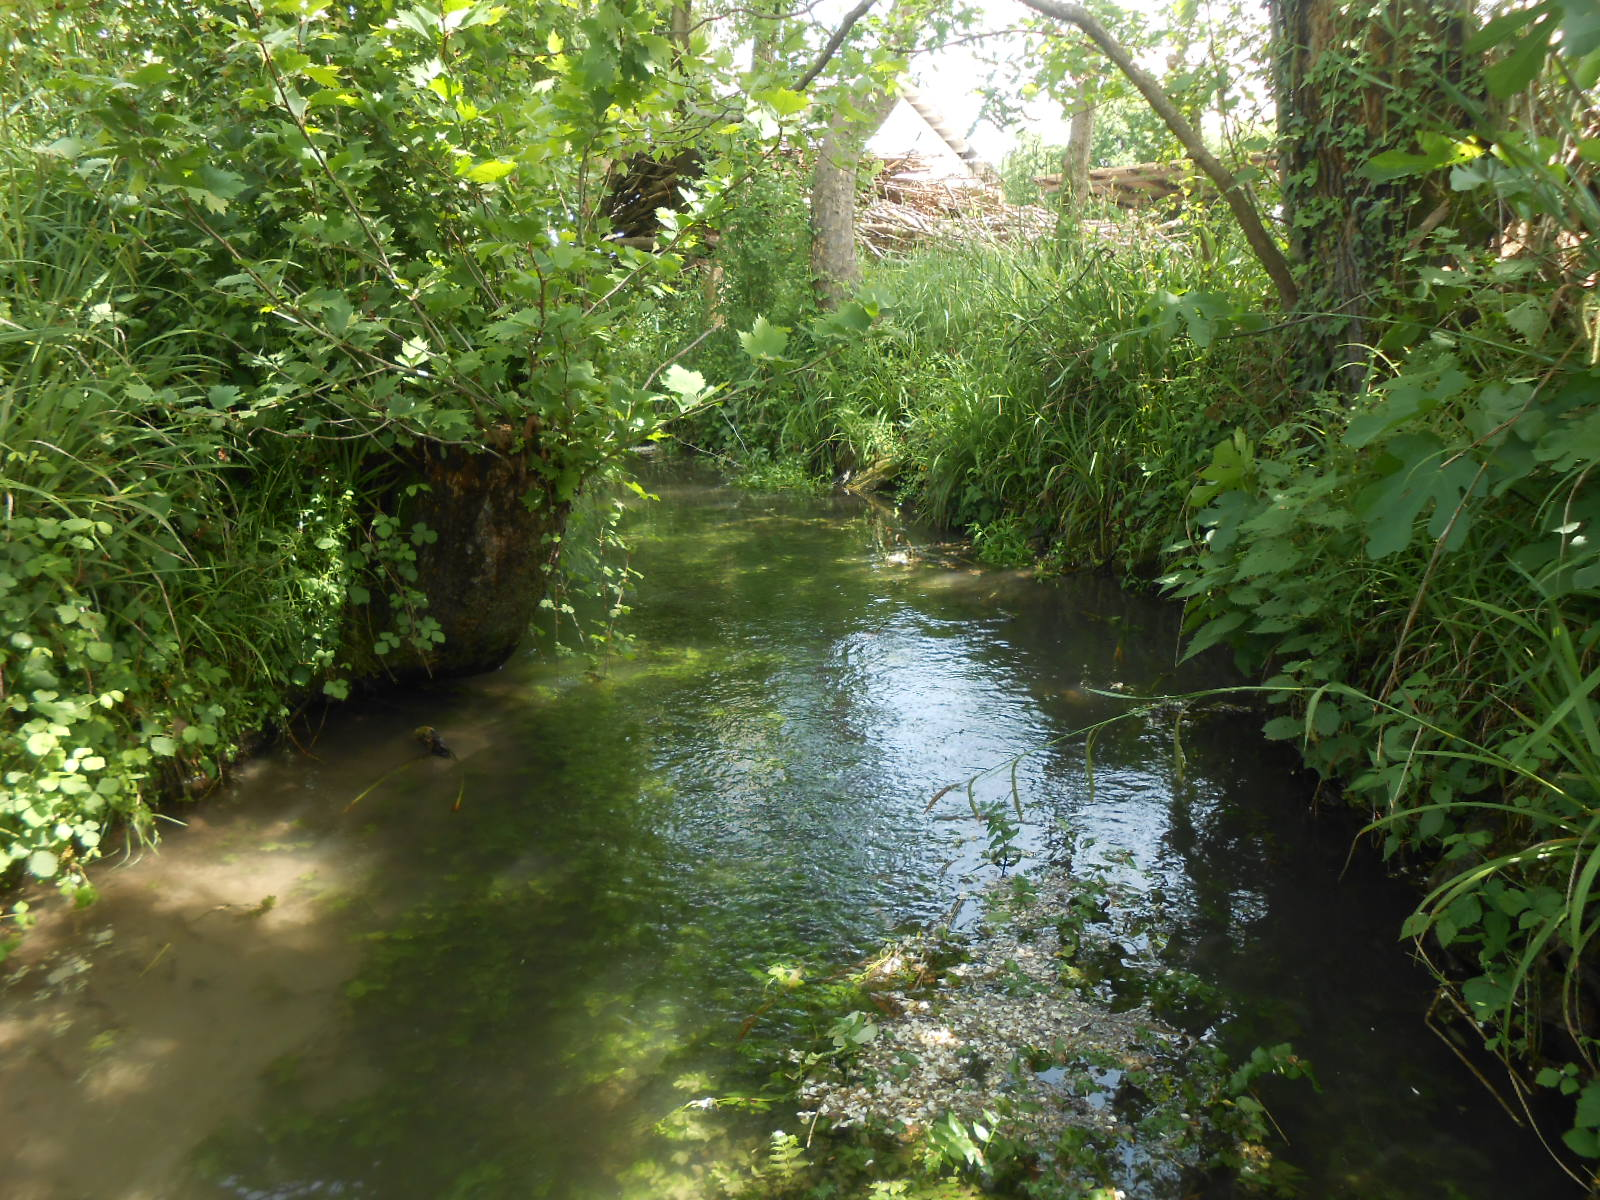 Vegetazione acquatica